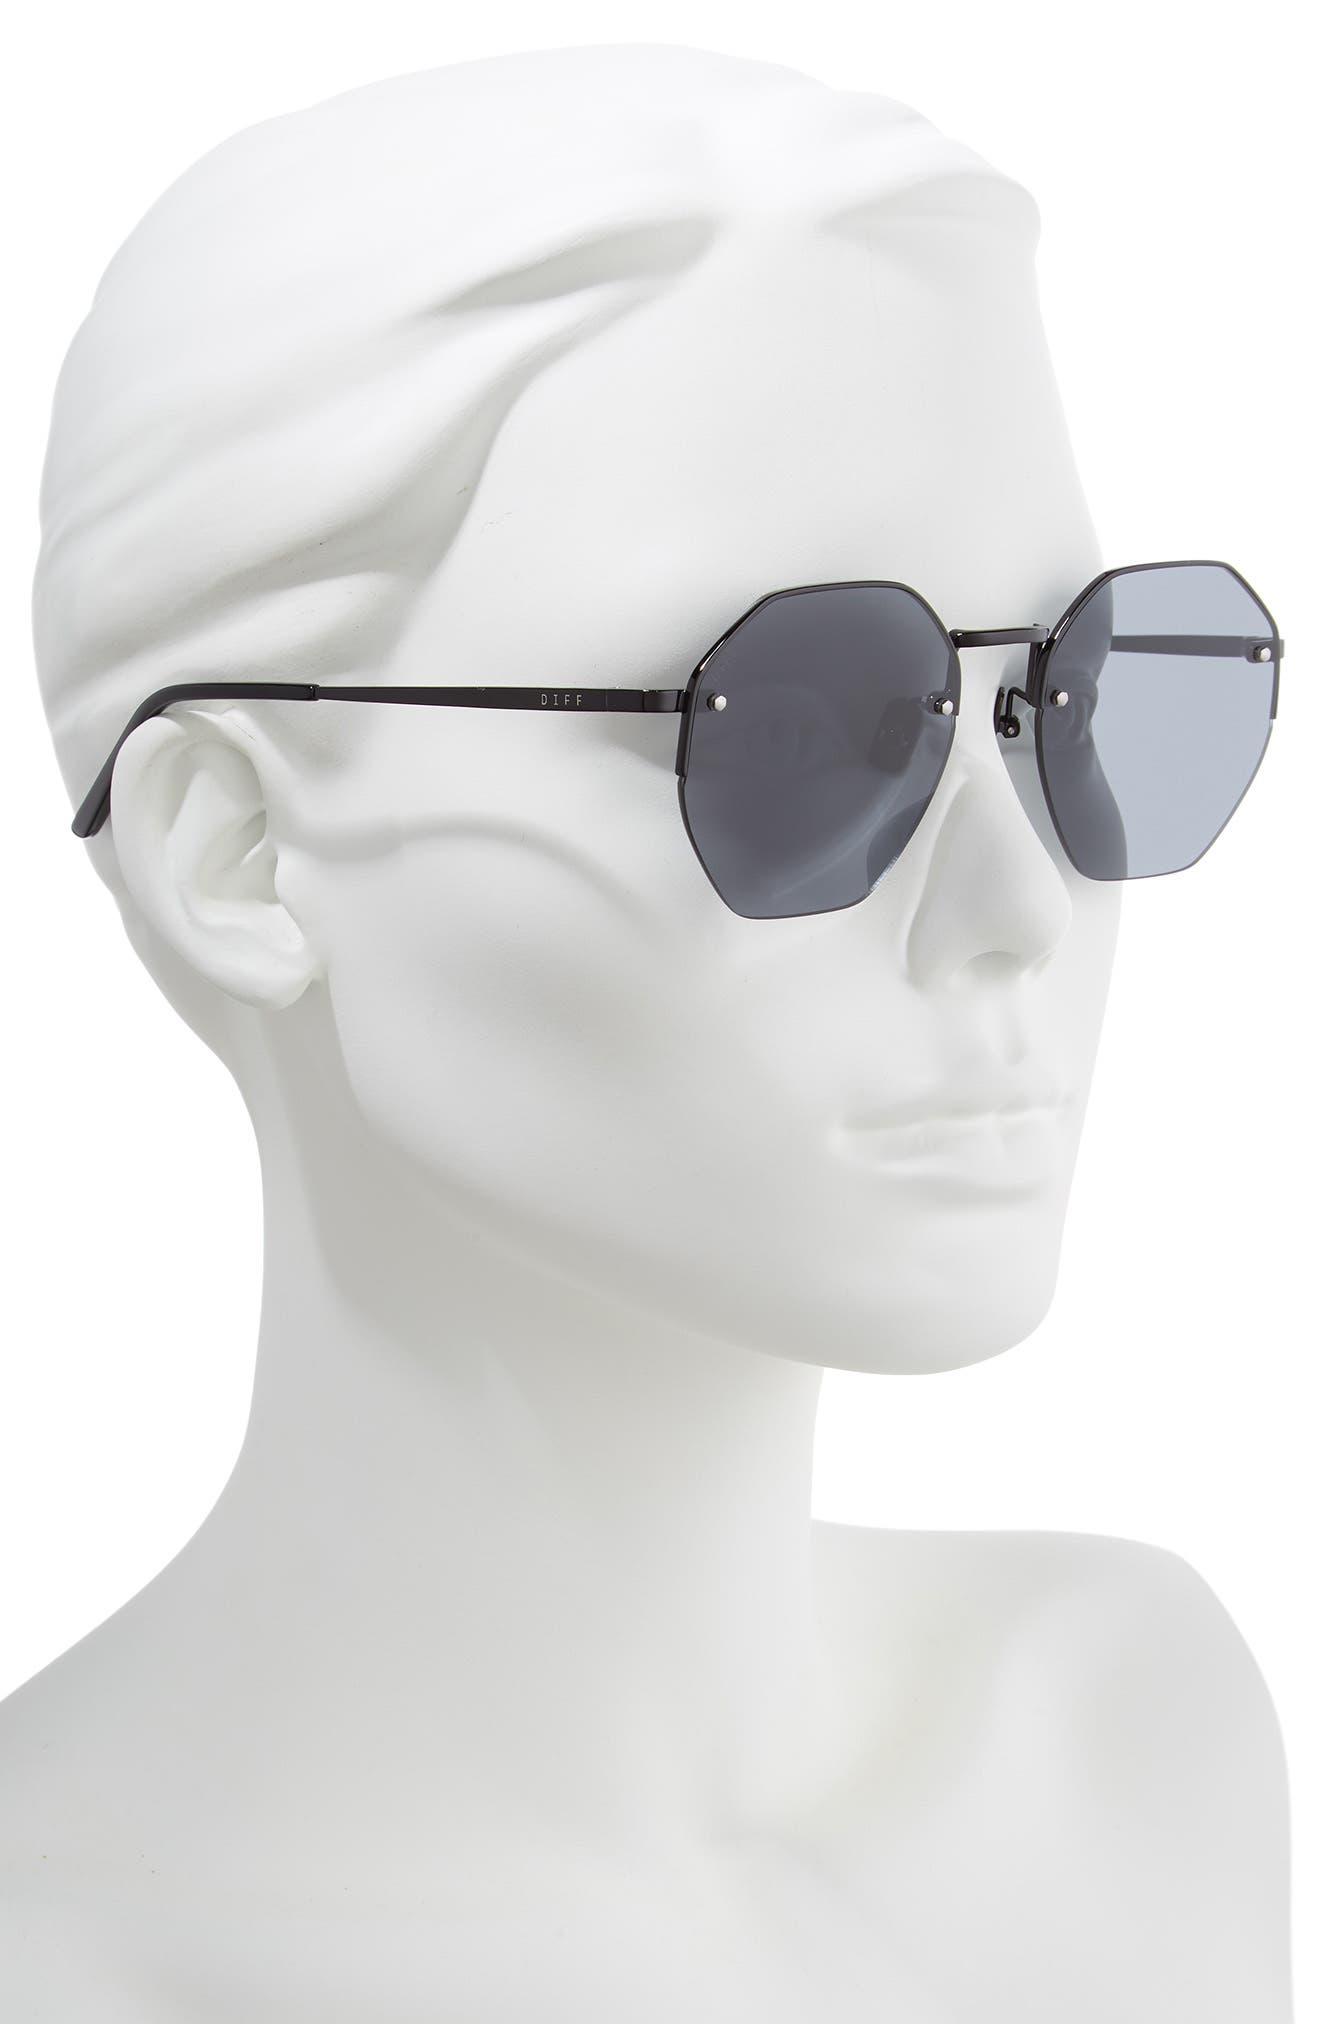 Nova 50mm Polarized Semi Rimless Geo Sunglasses,                             Alternate thumbnail 2, color,                             BLACK/ SMOKE